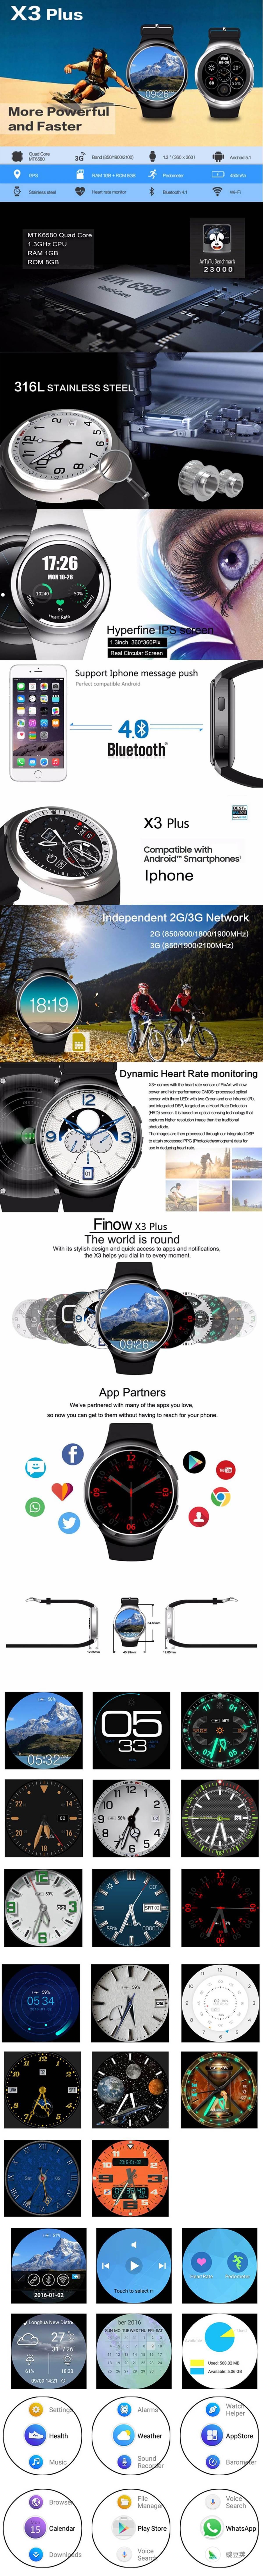 Lemfo X3 Plus Akıllı Saat Türkiye Satış Destek Natronet